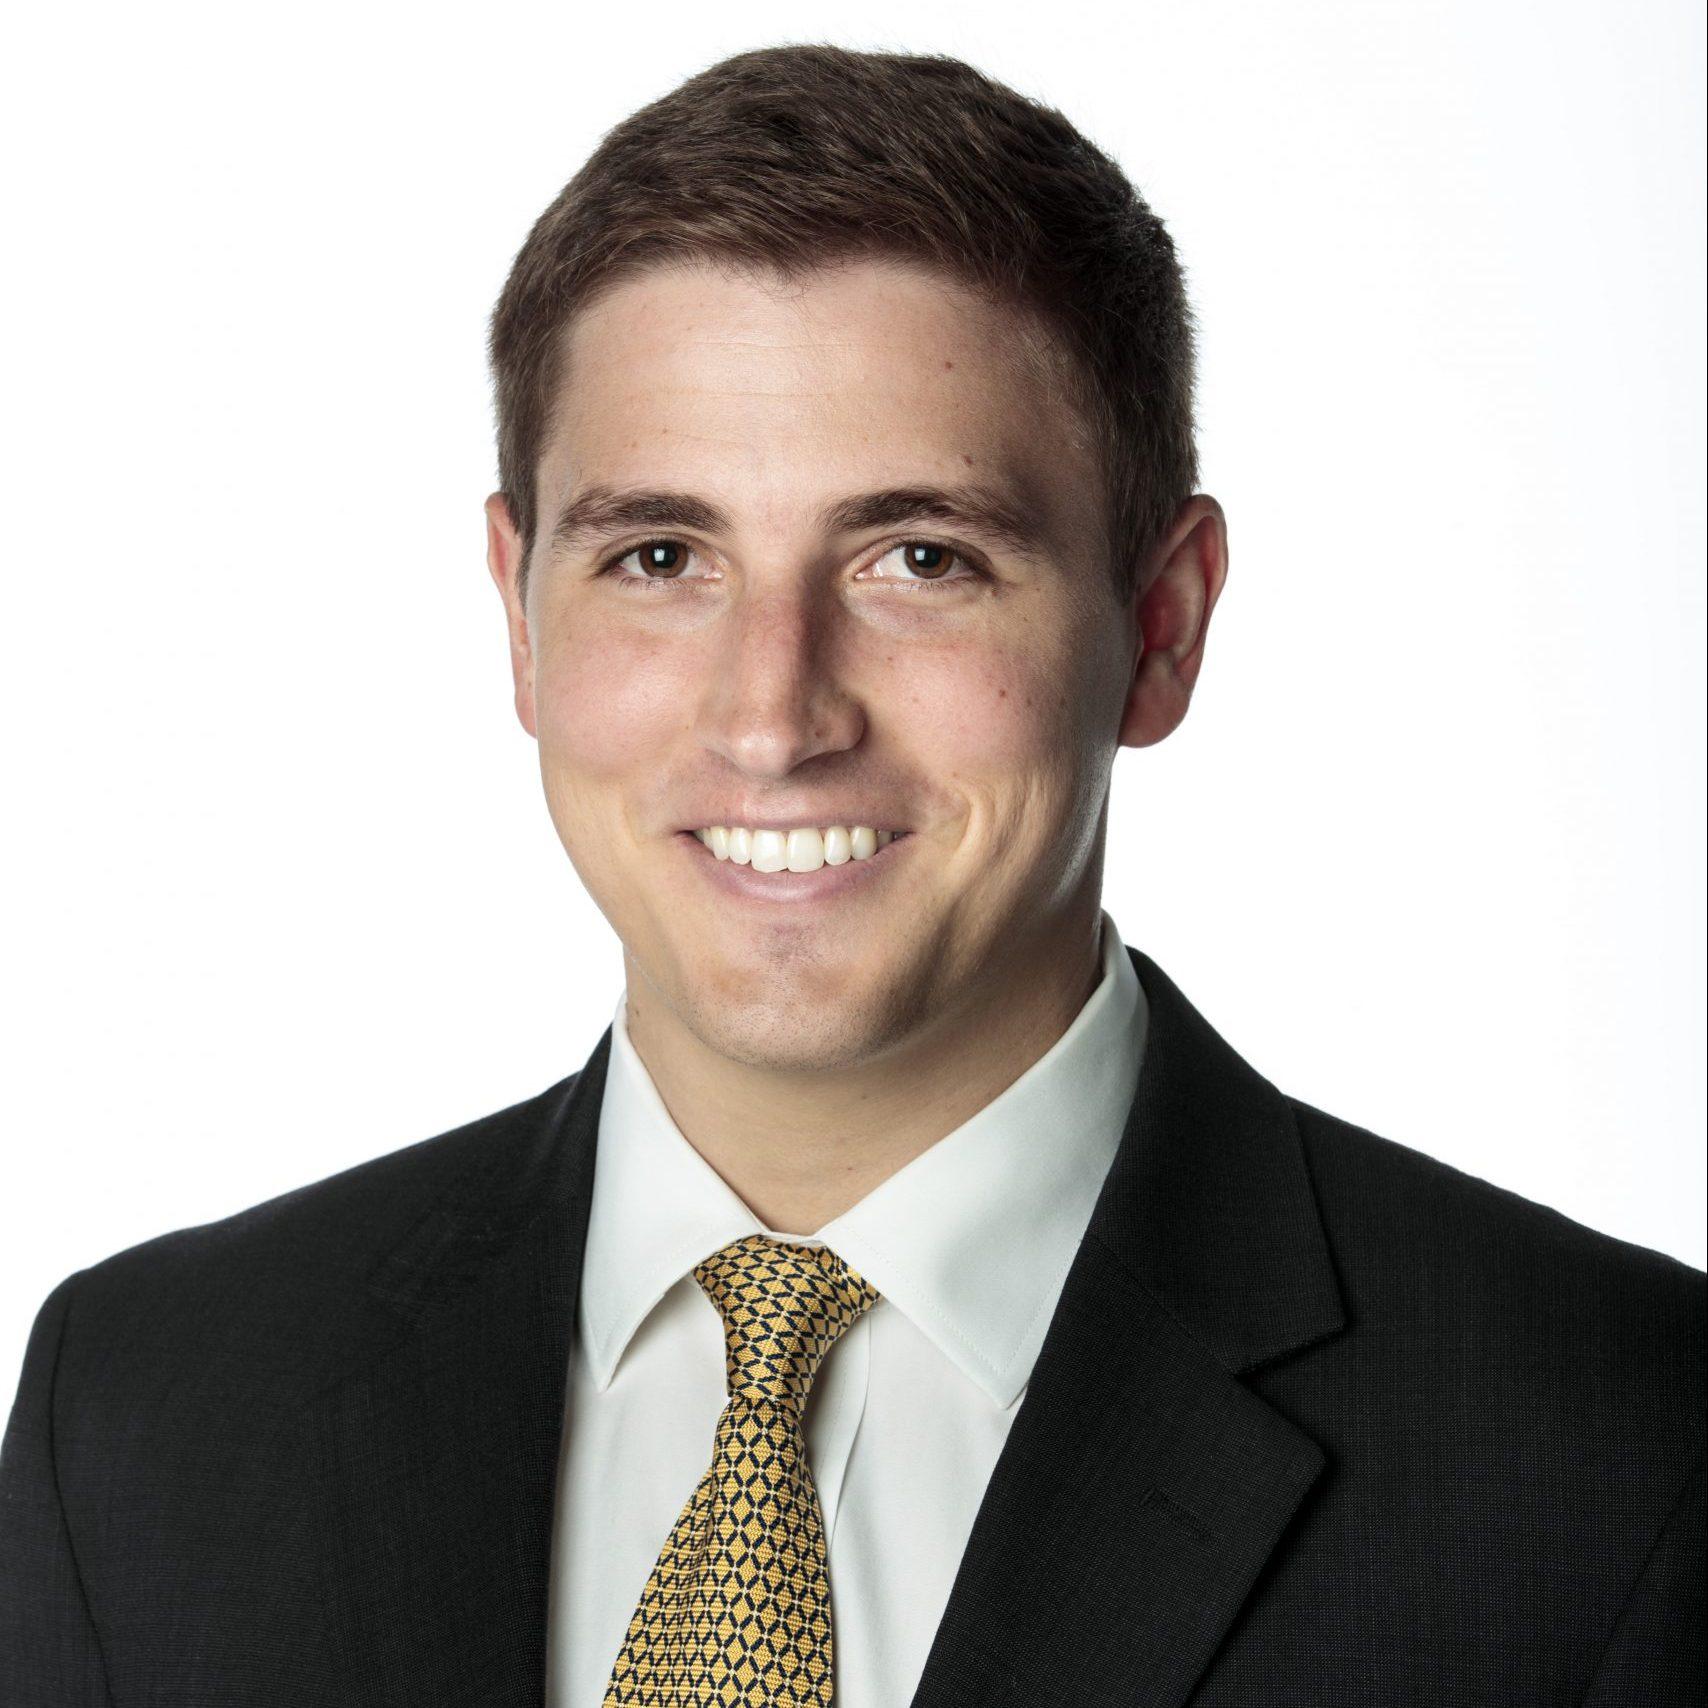 Jim O'Connell, President, Vinik Family Office